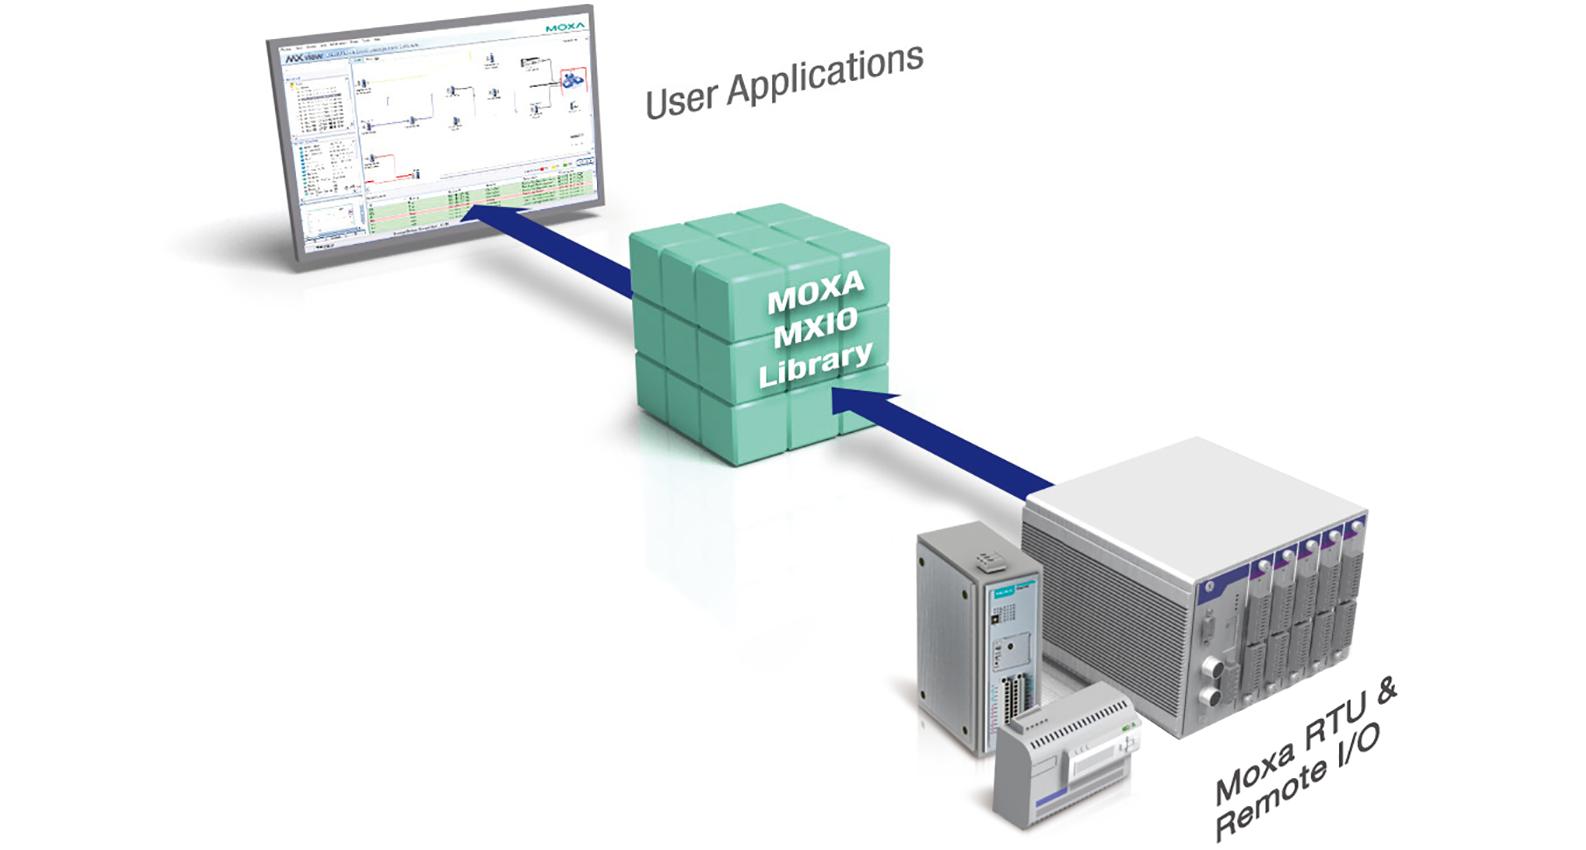 MXIO Programming Library - I/O Library | MOXA